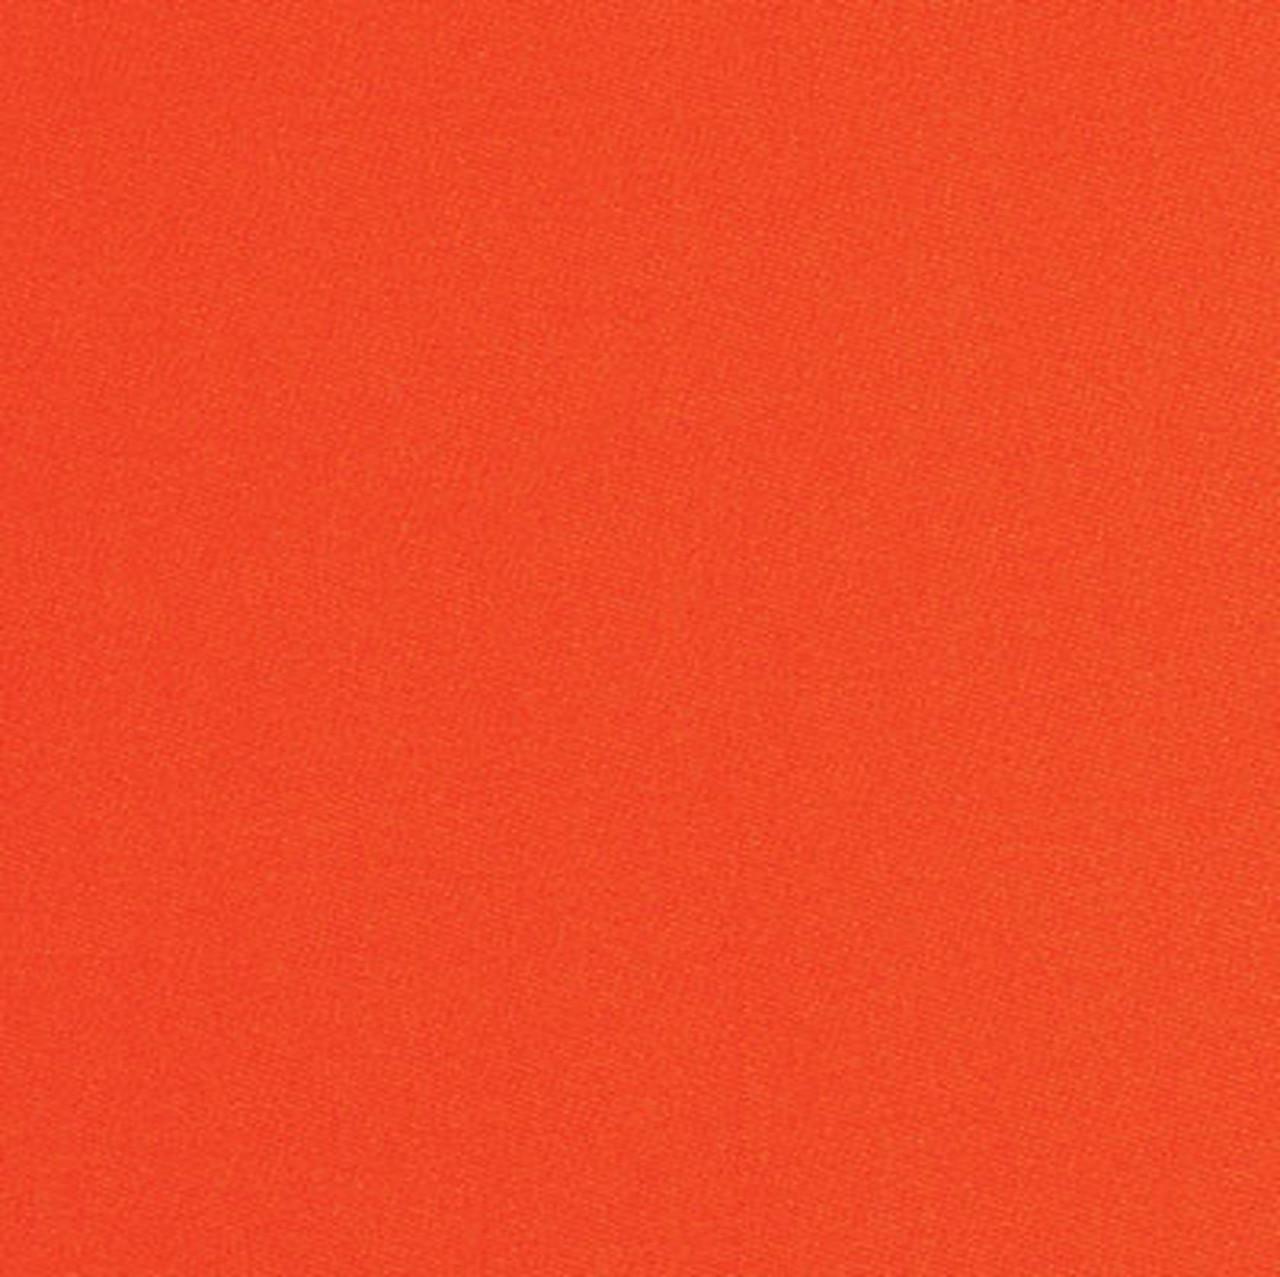 Simonis 860 Orange Pool Table Felt - 7ft